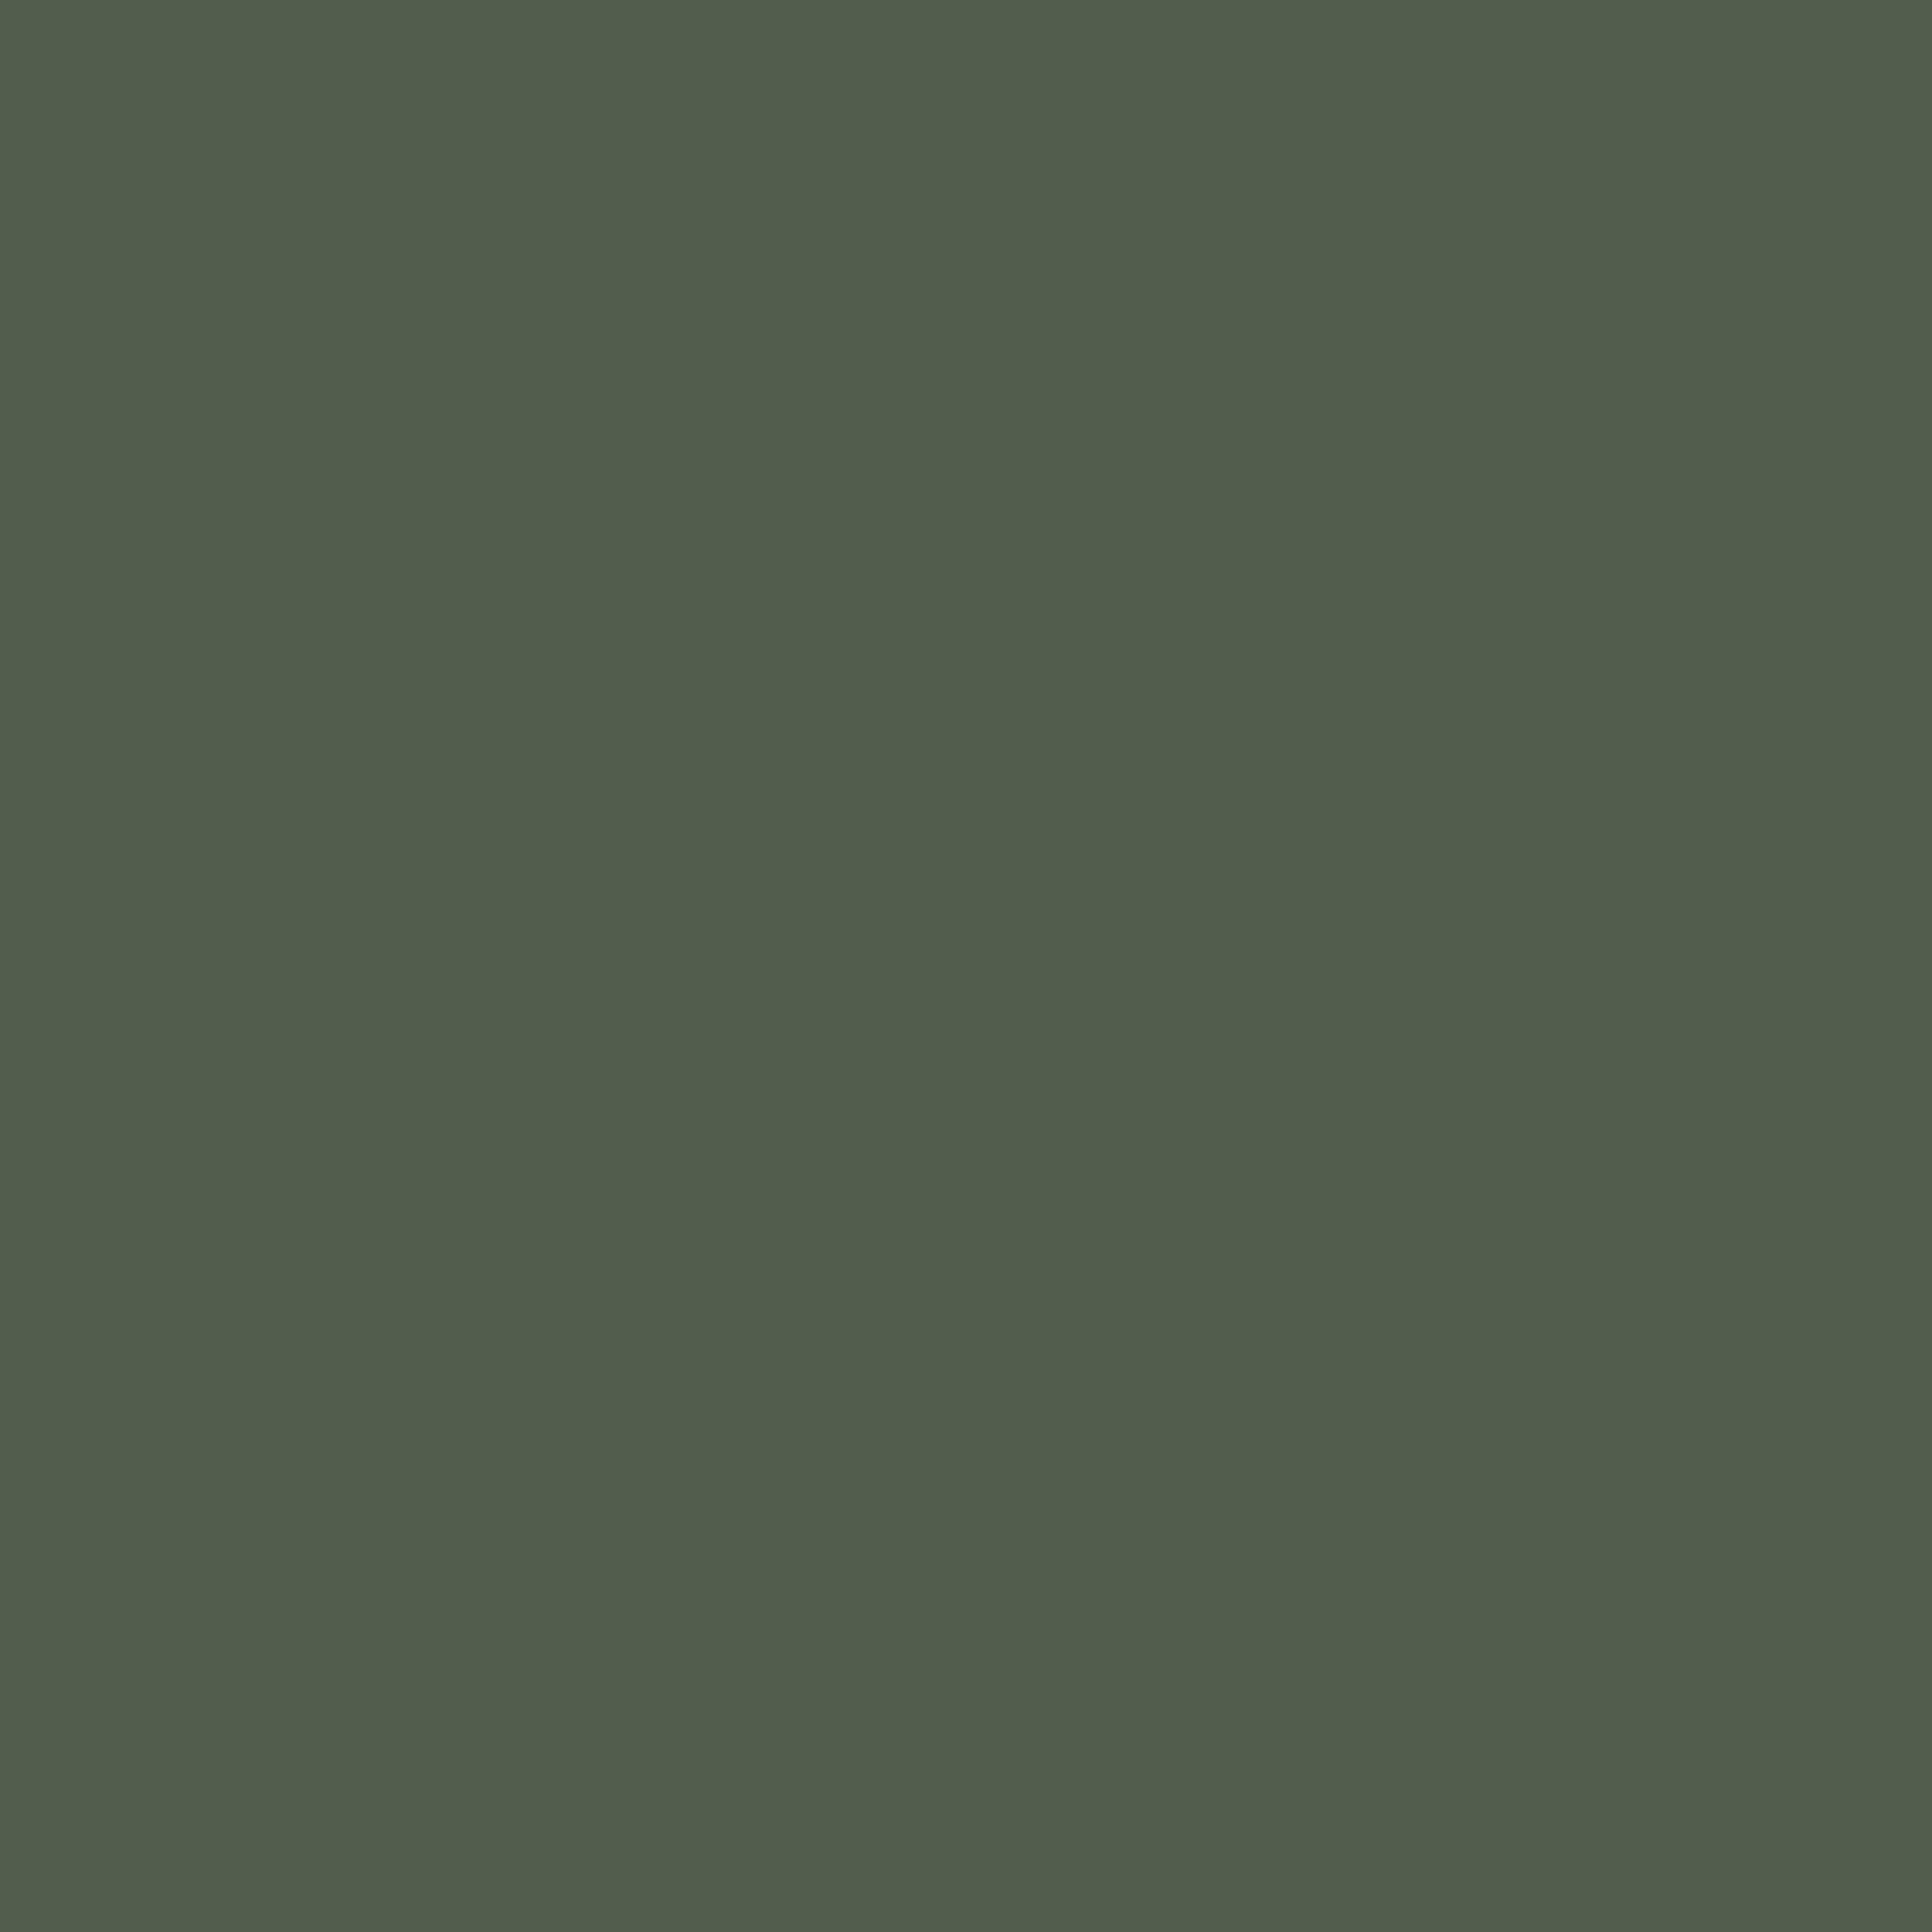 Mossgreen-black